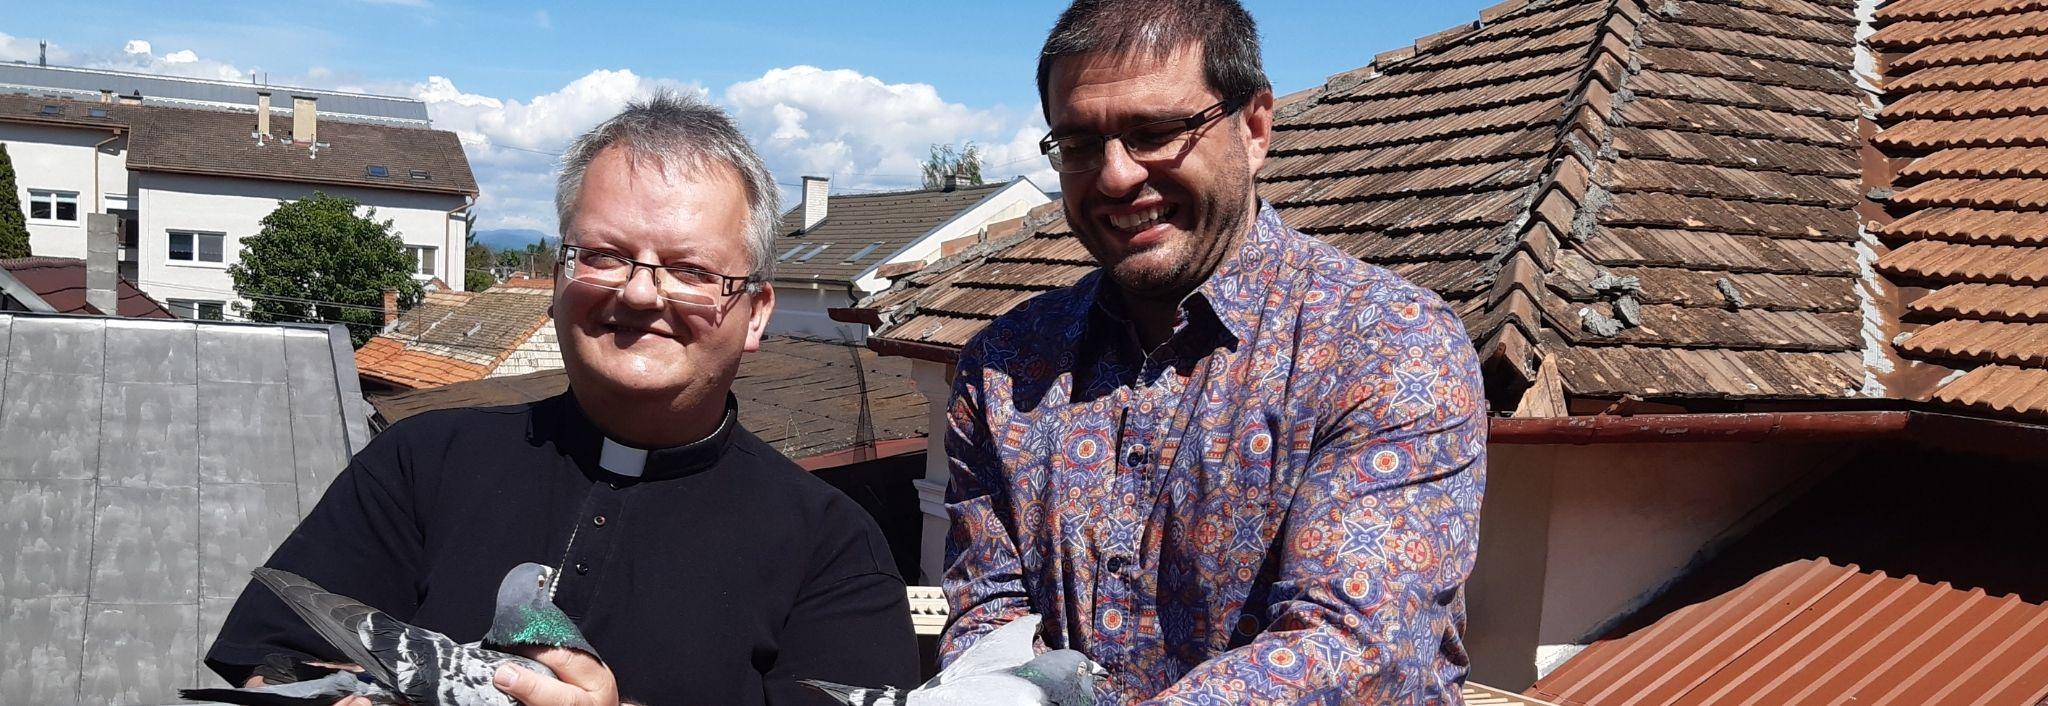 S holubmi na streche